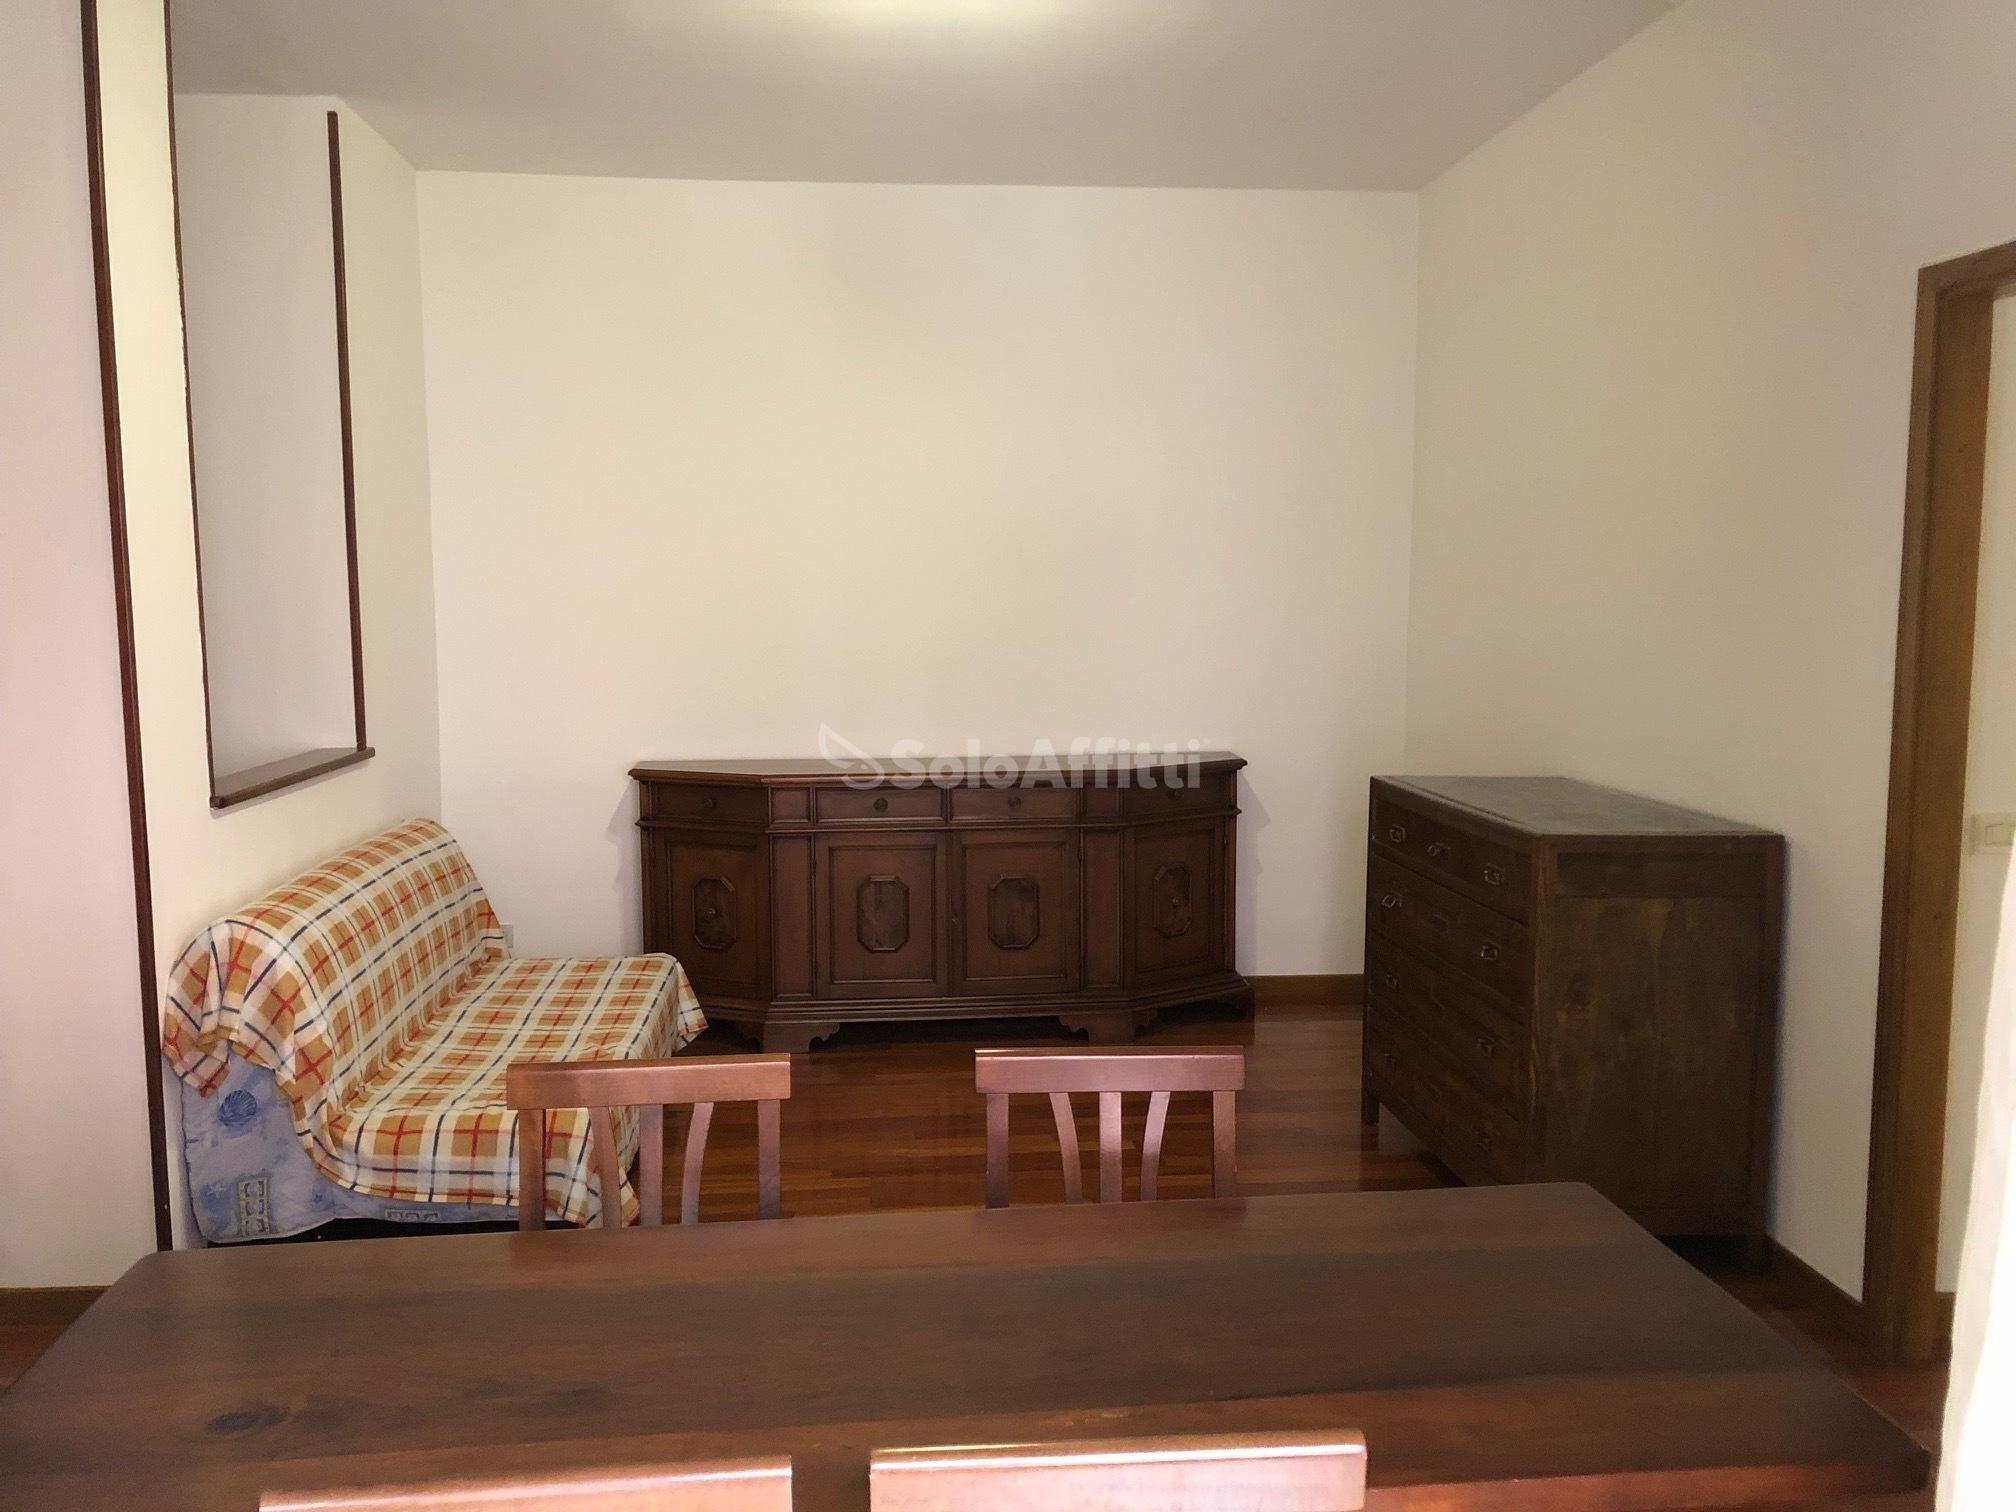 Affitto appartamento trilocale arredato 95 mq for Contratto di locazione appartamento arredato